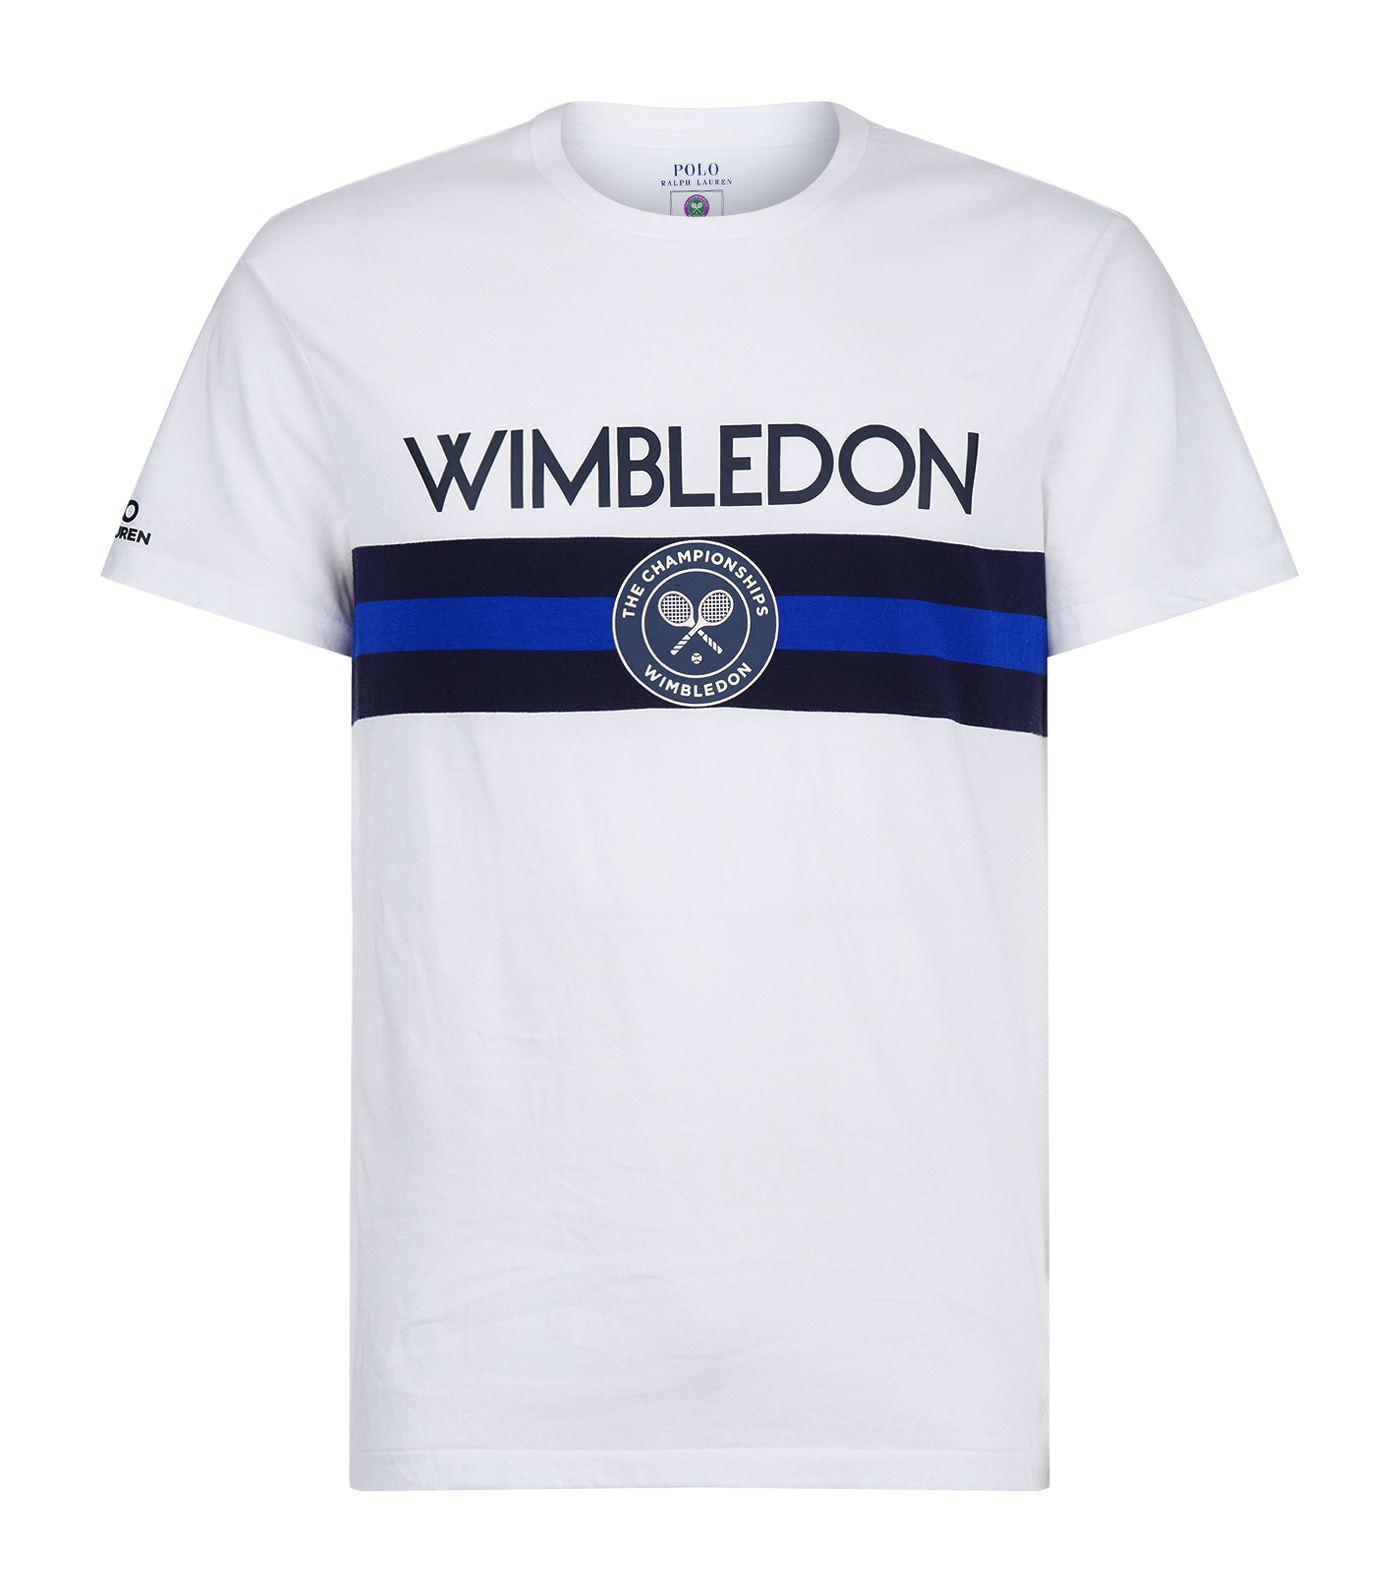 77527ea0 Polo Ralph Lauren Wimbledon T-shirt for Men - Lyst